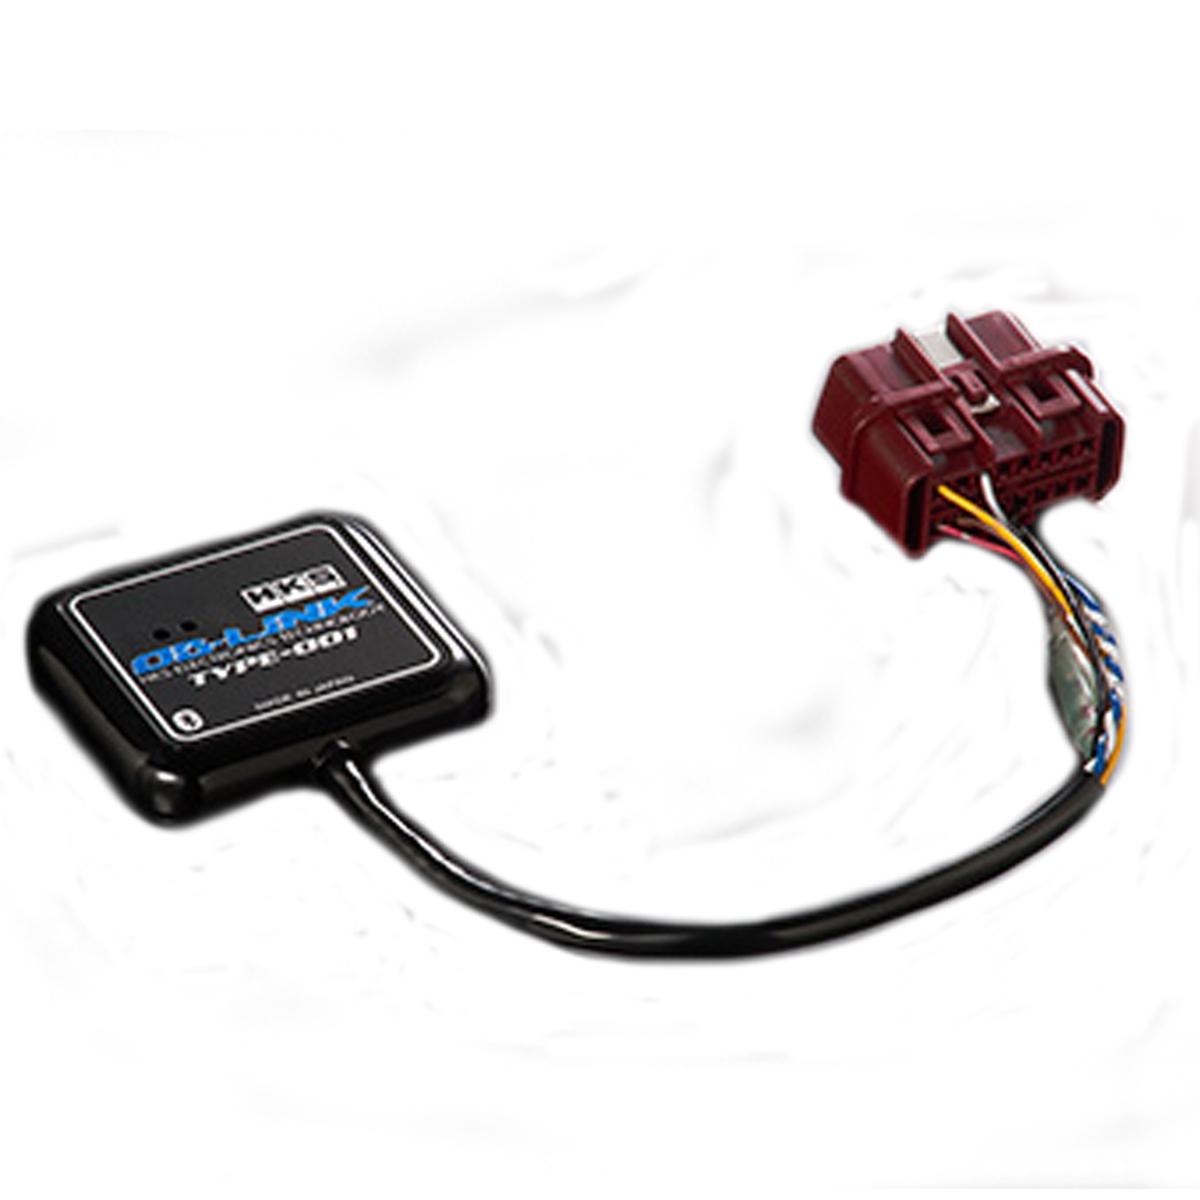 セレナ モニター OBリンク タイプ 001 C26 HKS 44009-AK002 エレクトリニクス 個人宅発送追金有